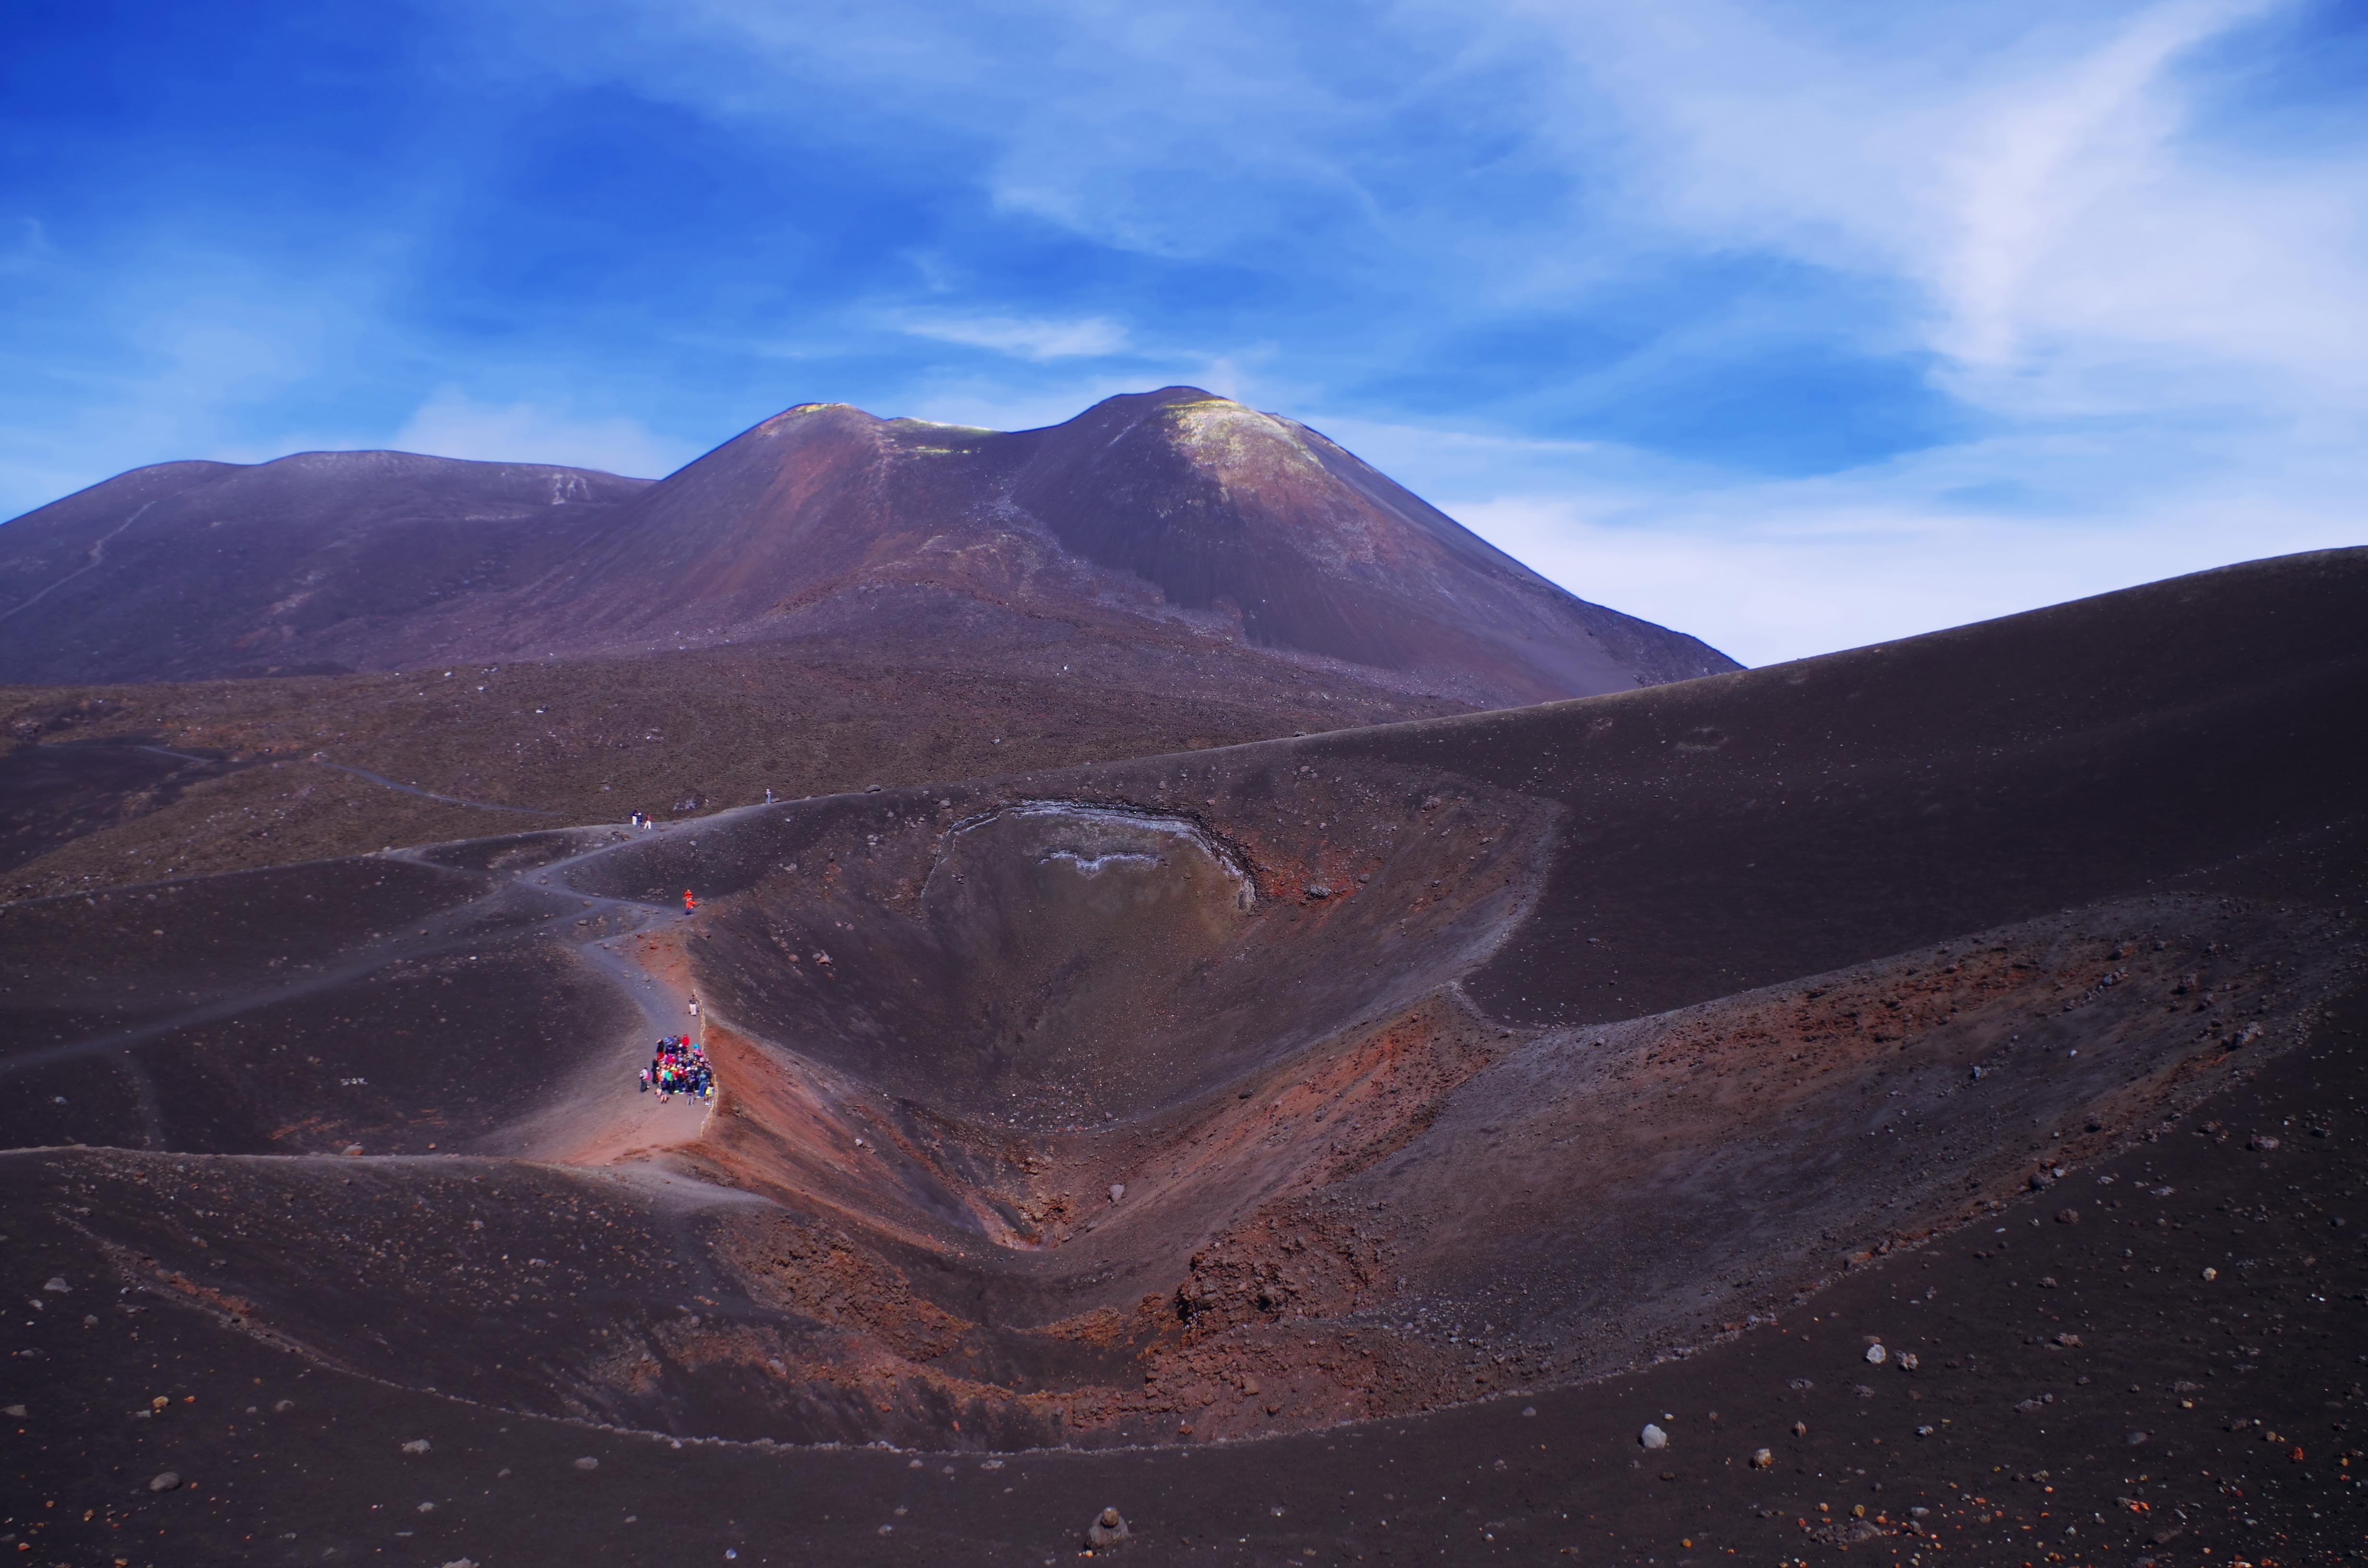 вулкан Этна, Сицилия, Etna, Sicilia